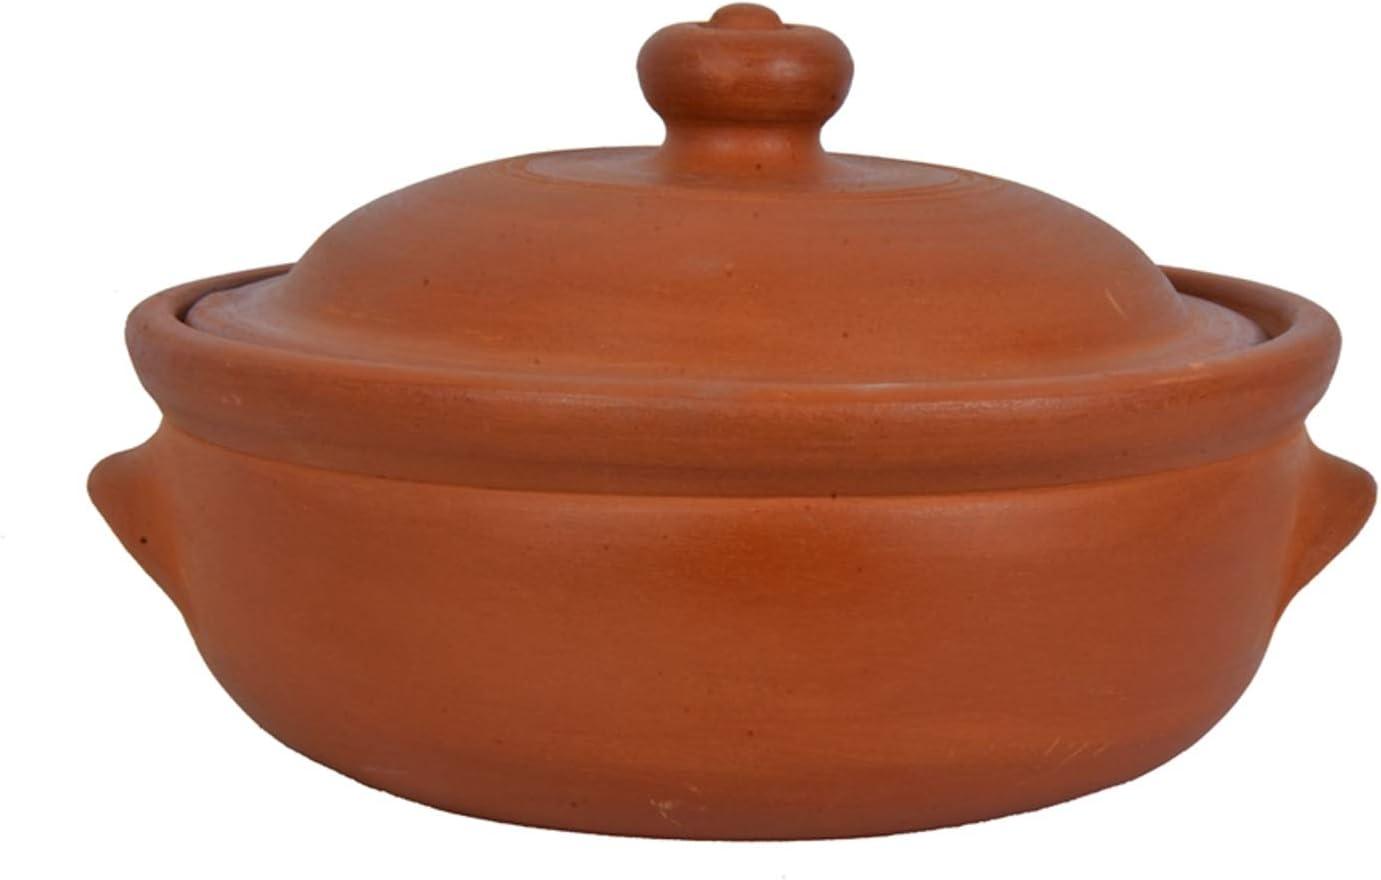 Village Decor Earthen Clay Cooking Bowl (1.1 Qt)